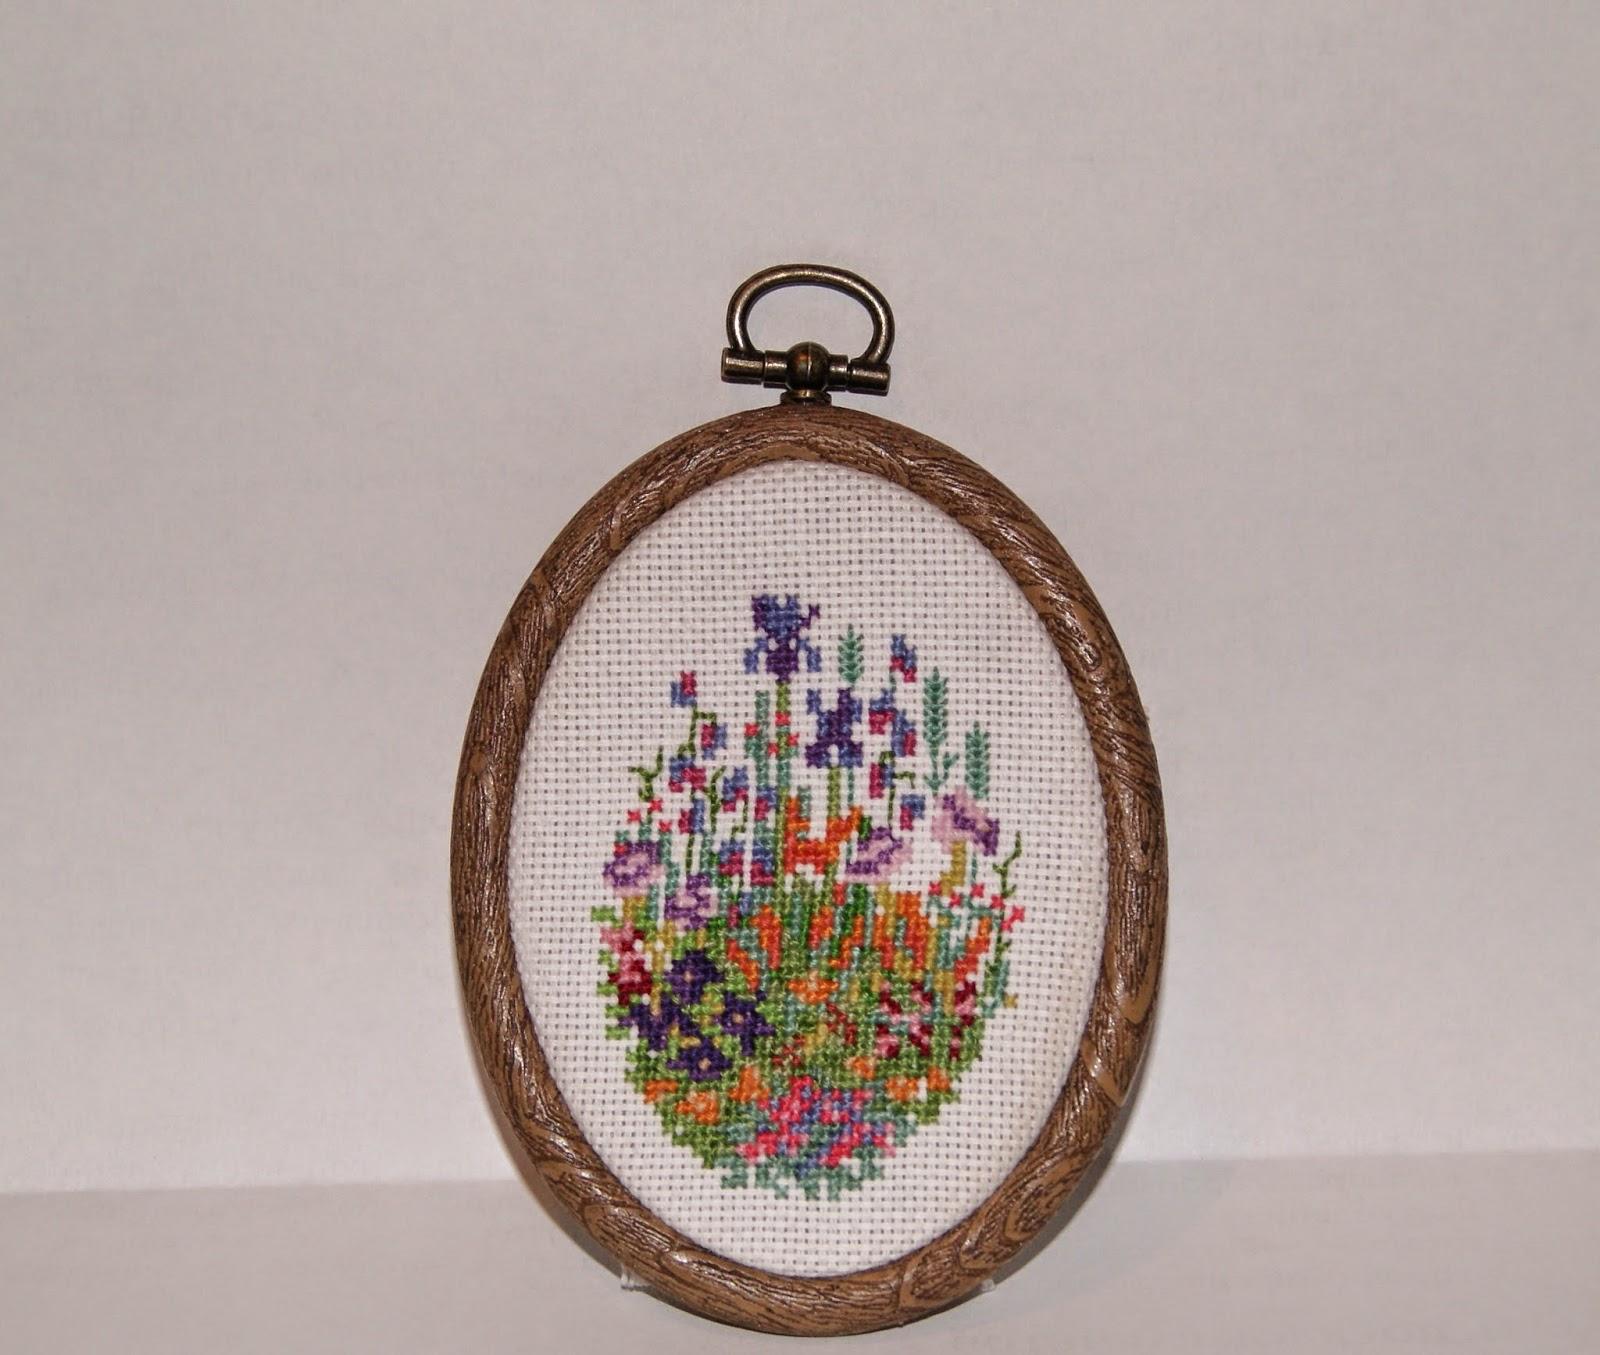 вышивание цветов, цветы в вышивке, миниатюра, цветочная миниатюра, цветочная вышивка, маленькие пяльца